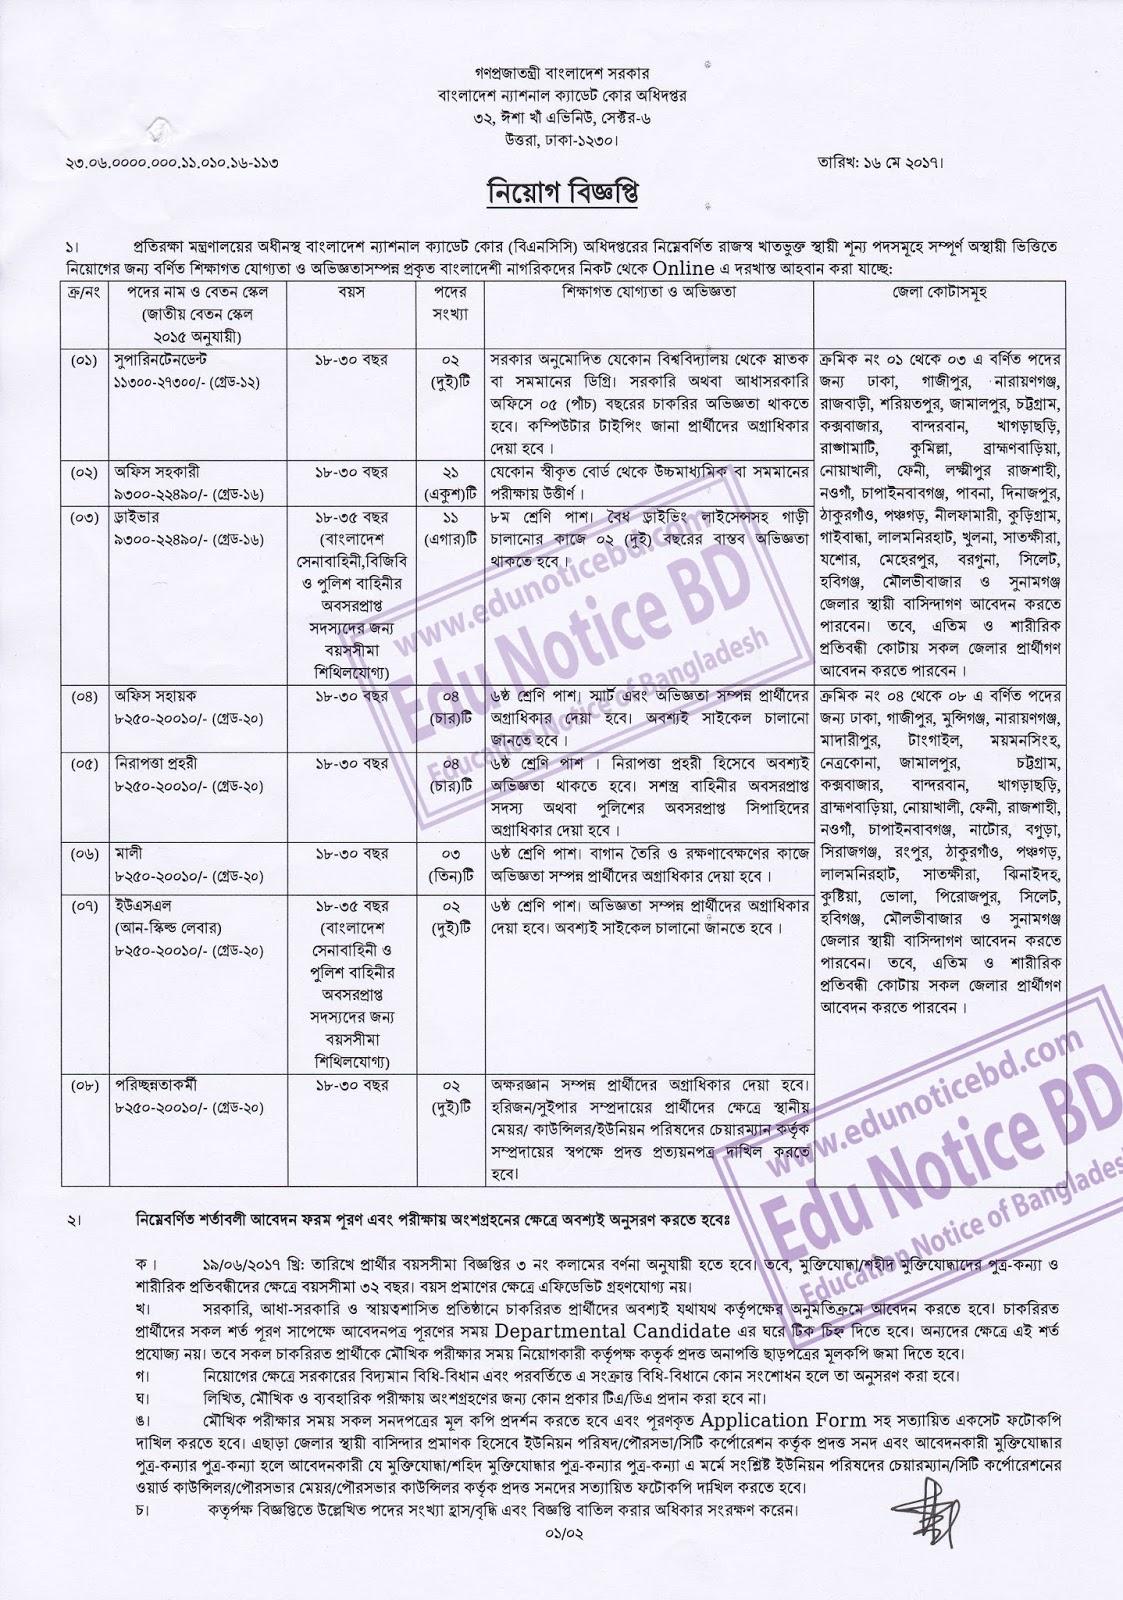 Bangladesh National Cadet Corps (BNCC) Job Circular 2017 – www.bncc.gov.bd - by www.edunoticebd.com